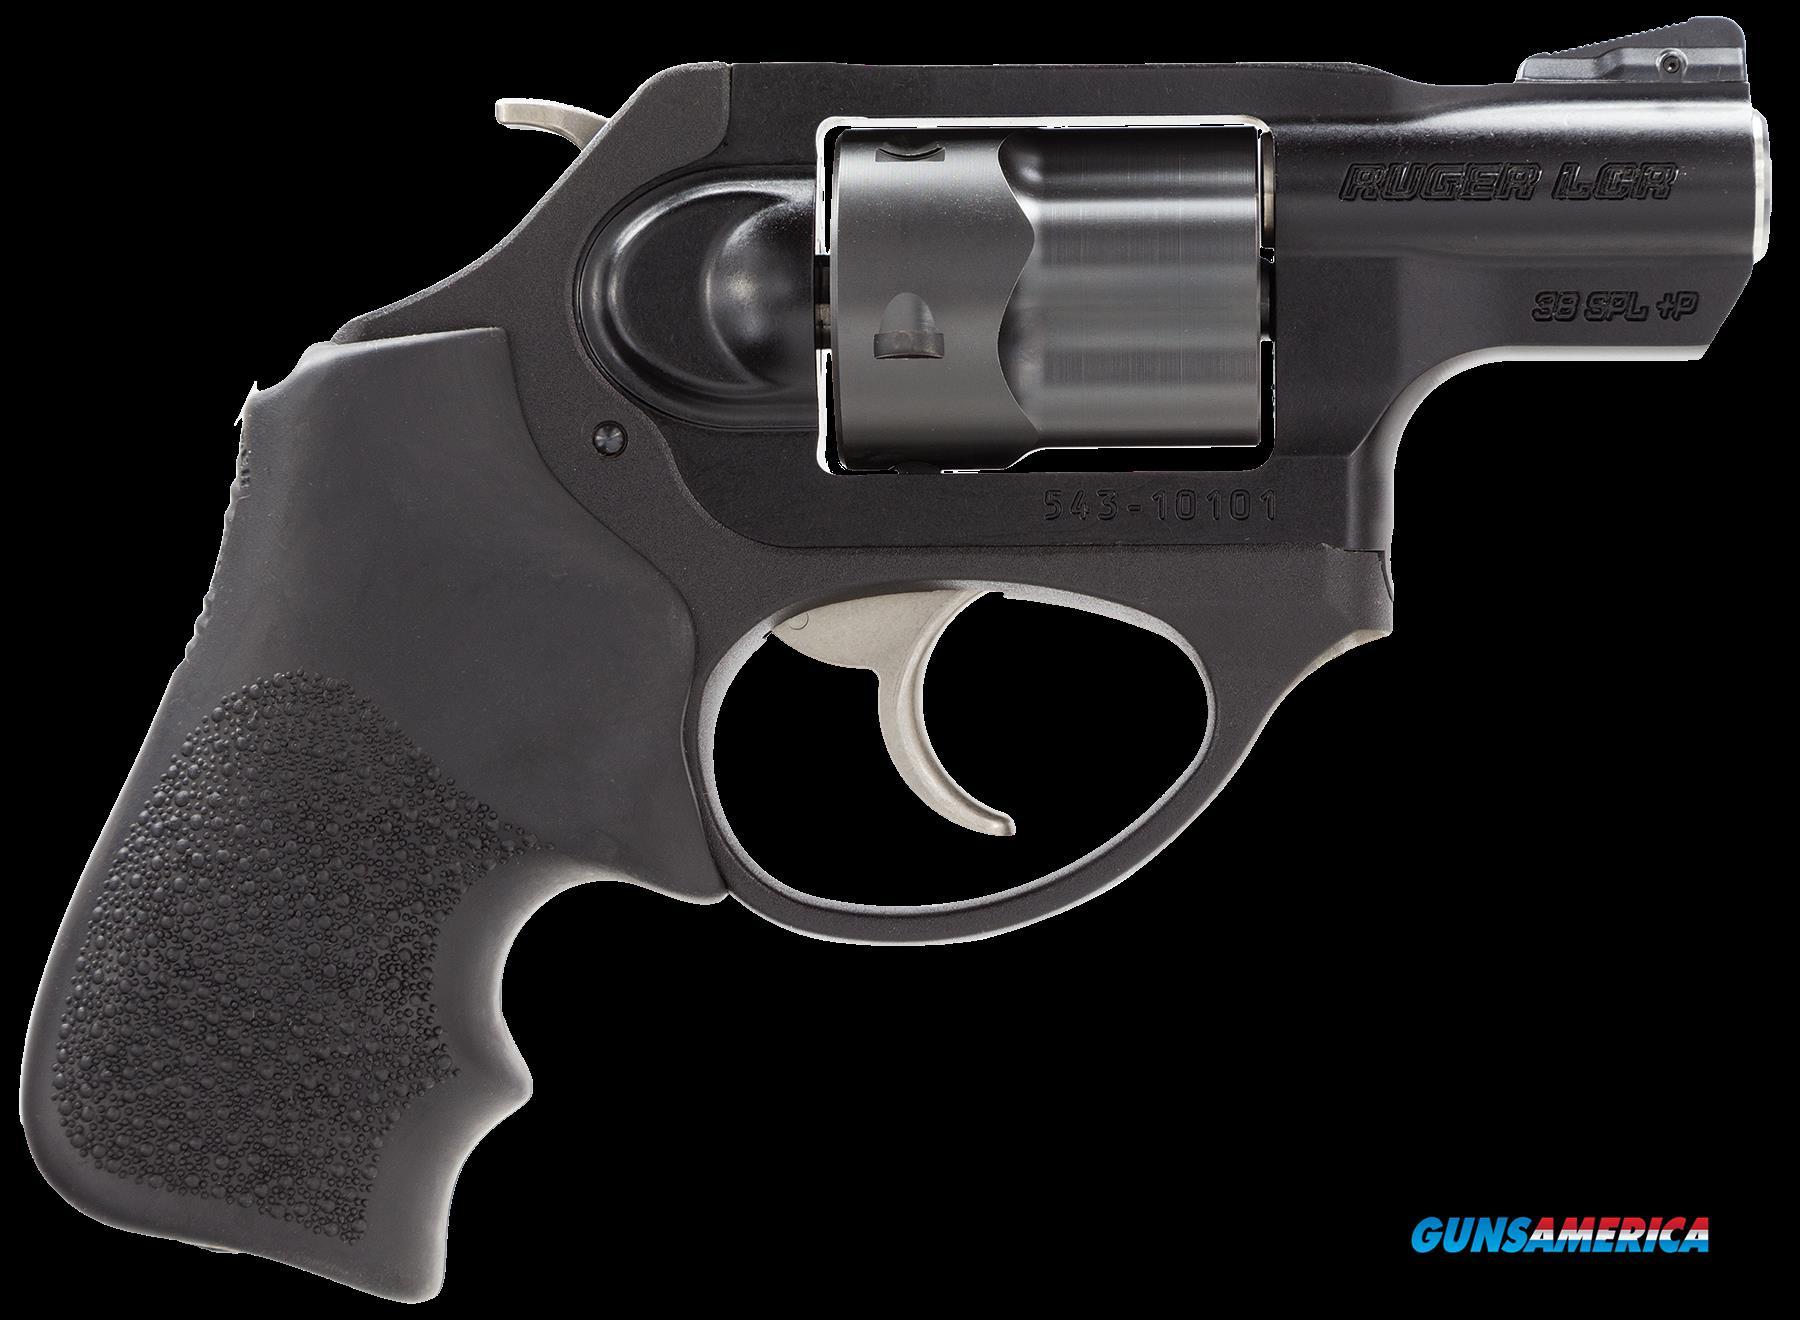 Ruger Lcrx, Rug*5430  Lcrx     38sp+p 1.875 Hog Blk  Guns > Pistols > 1911 Pistol Copies (non-Colt)